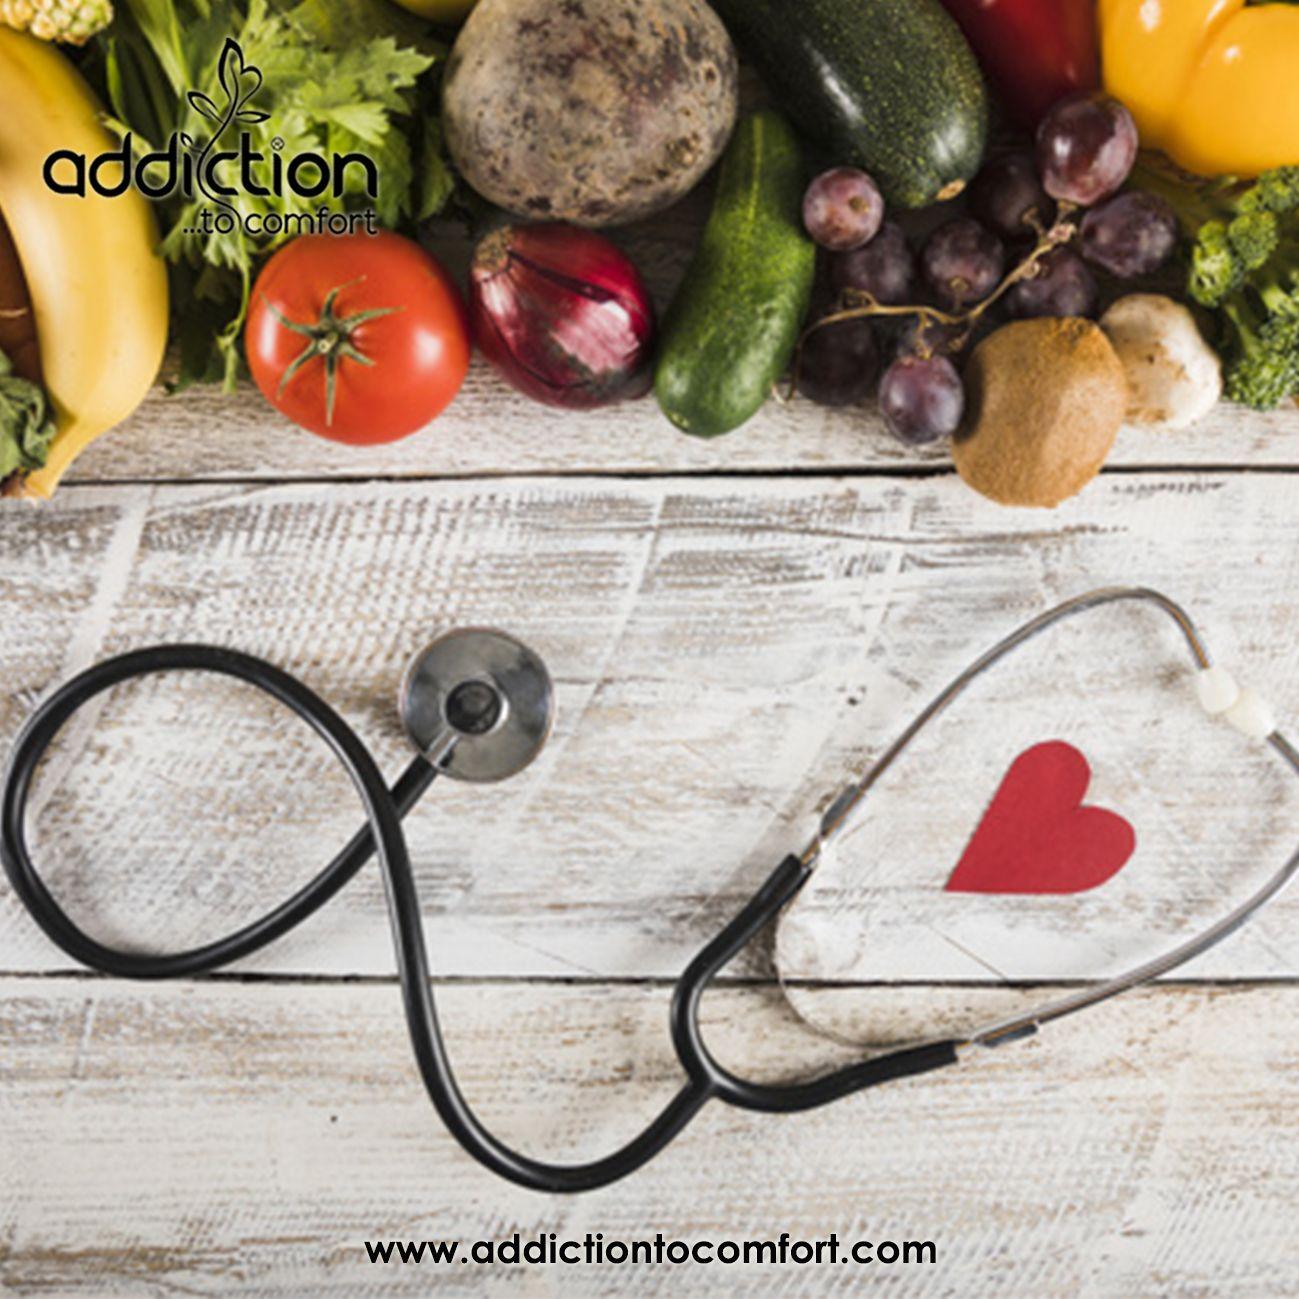 Una vida saludable incluye: 1. una dieta balanceada 2..